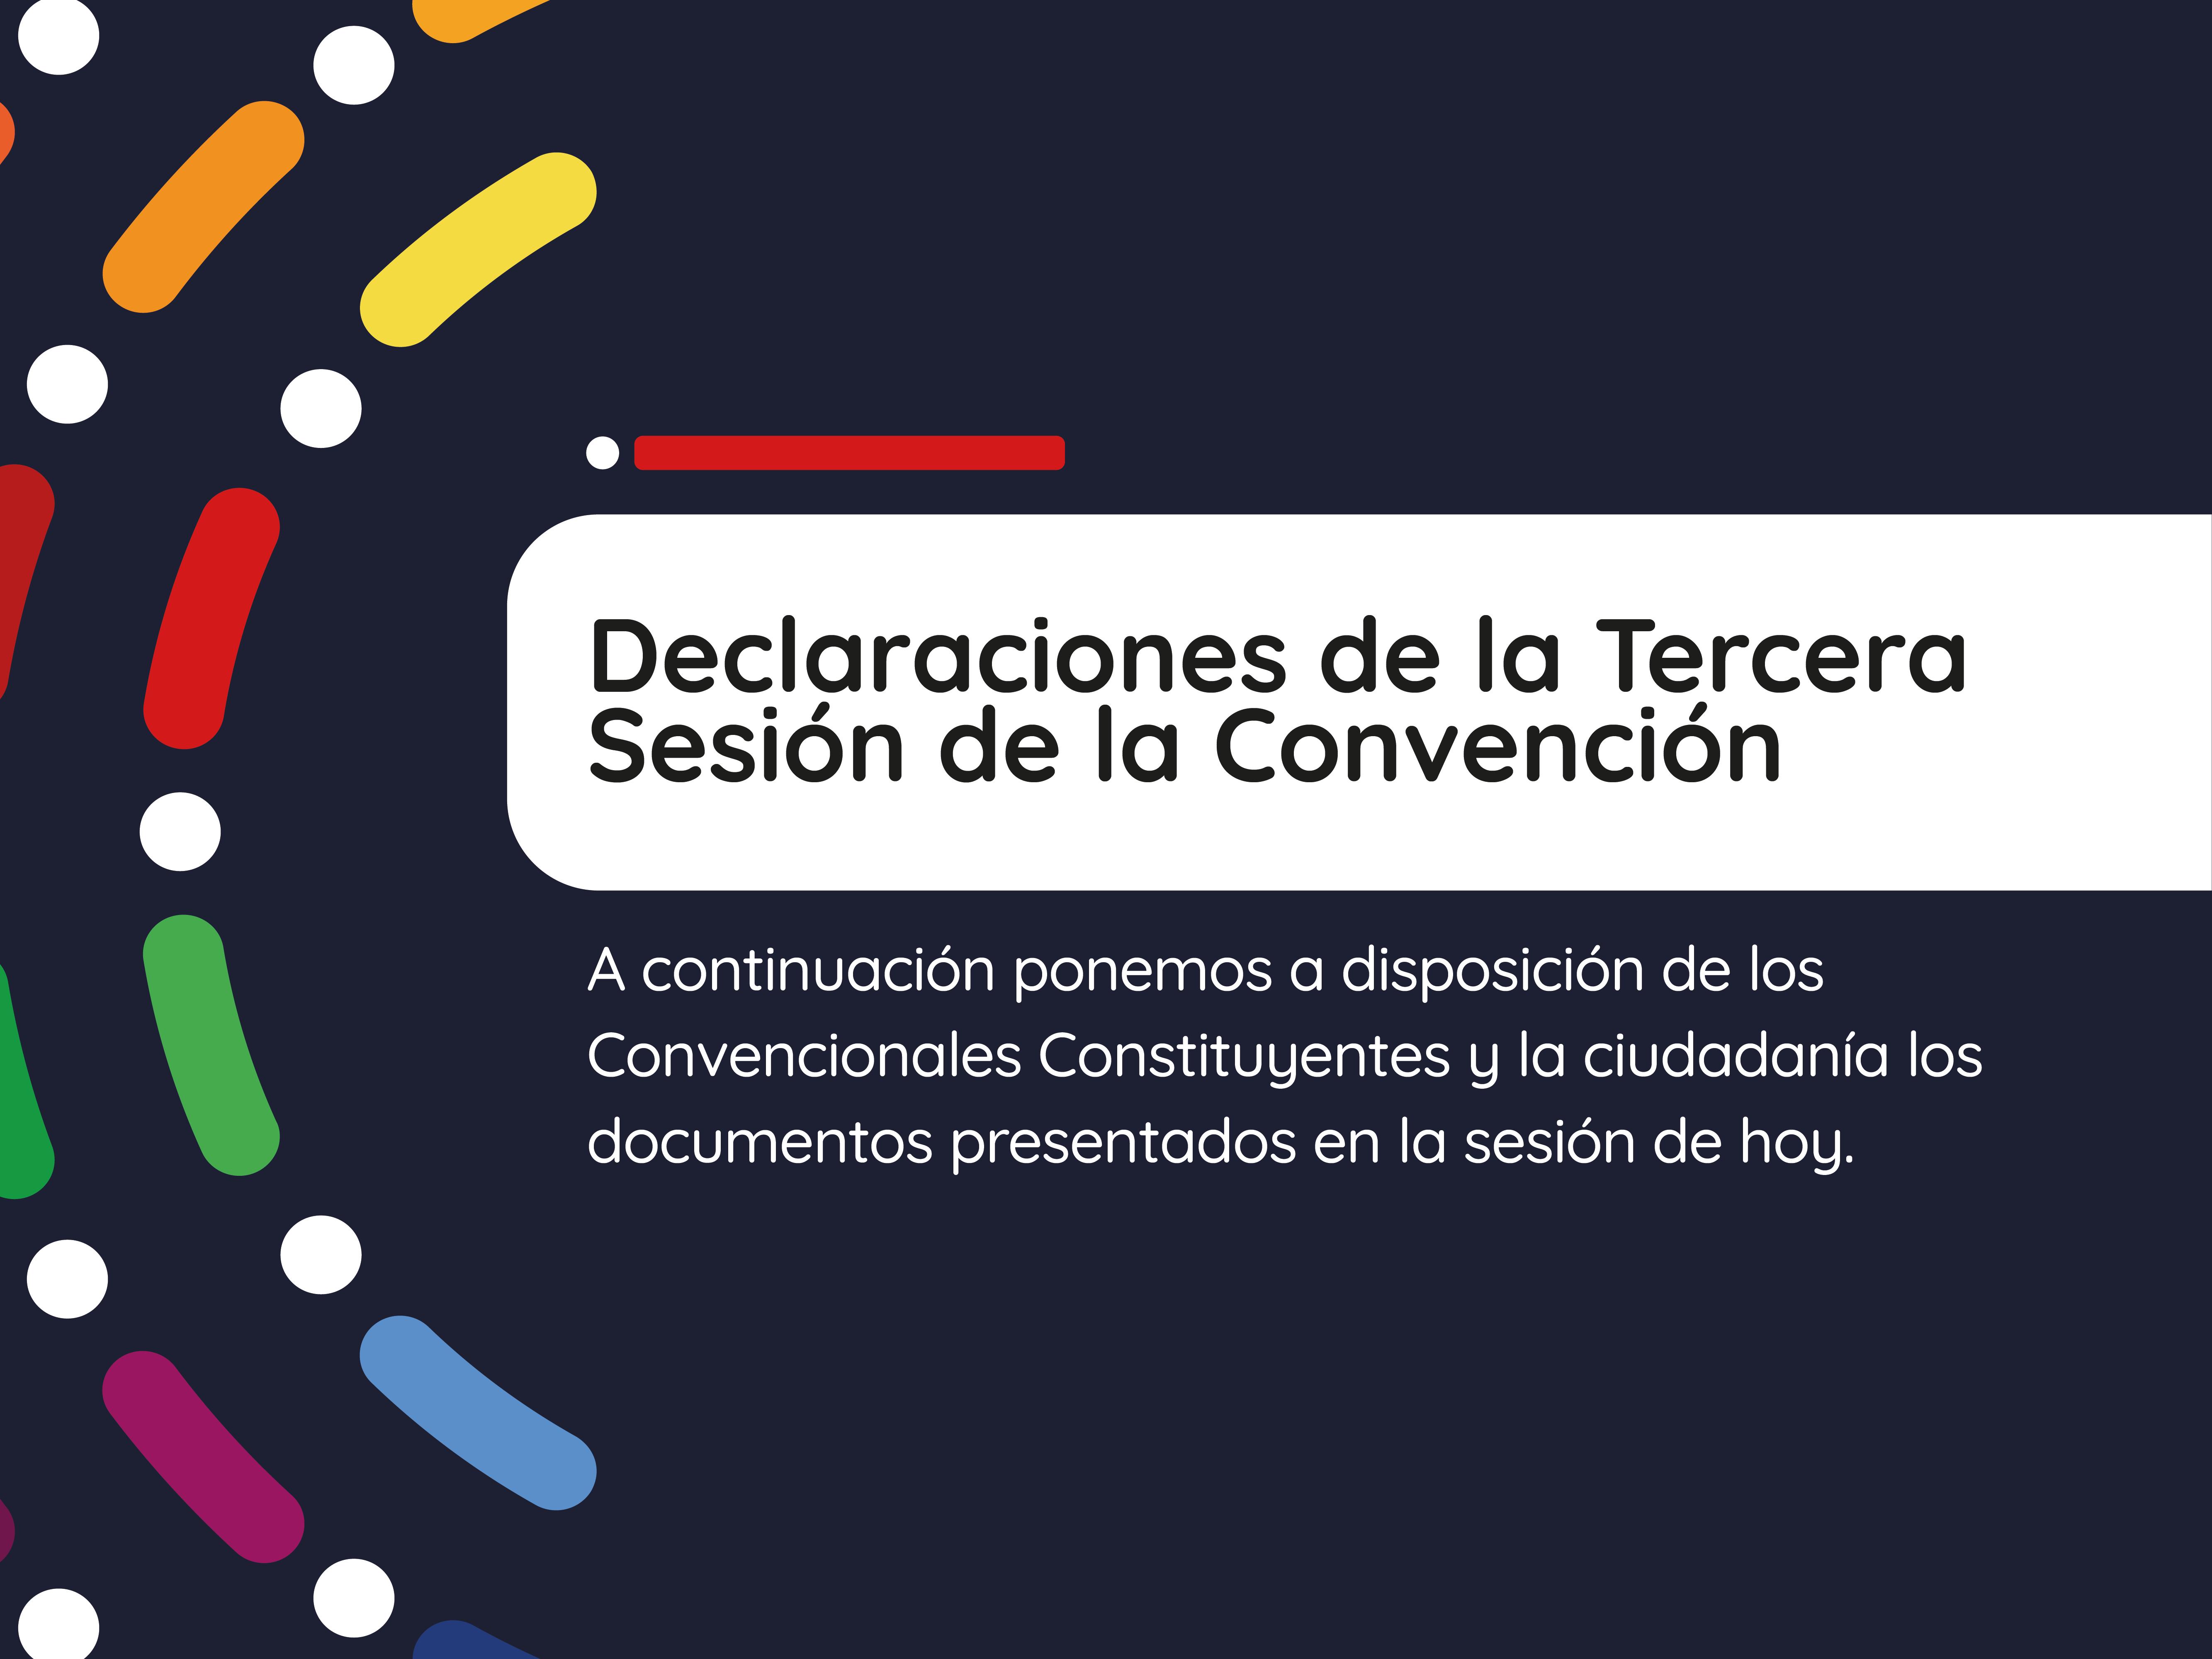 Documentos de la Tercera Sesión de la Convención Constitucional